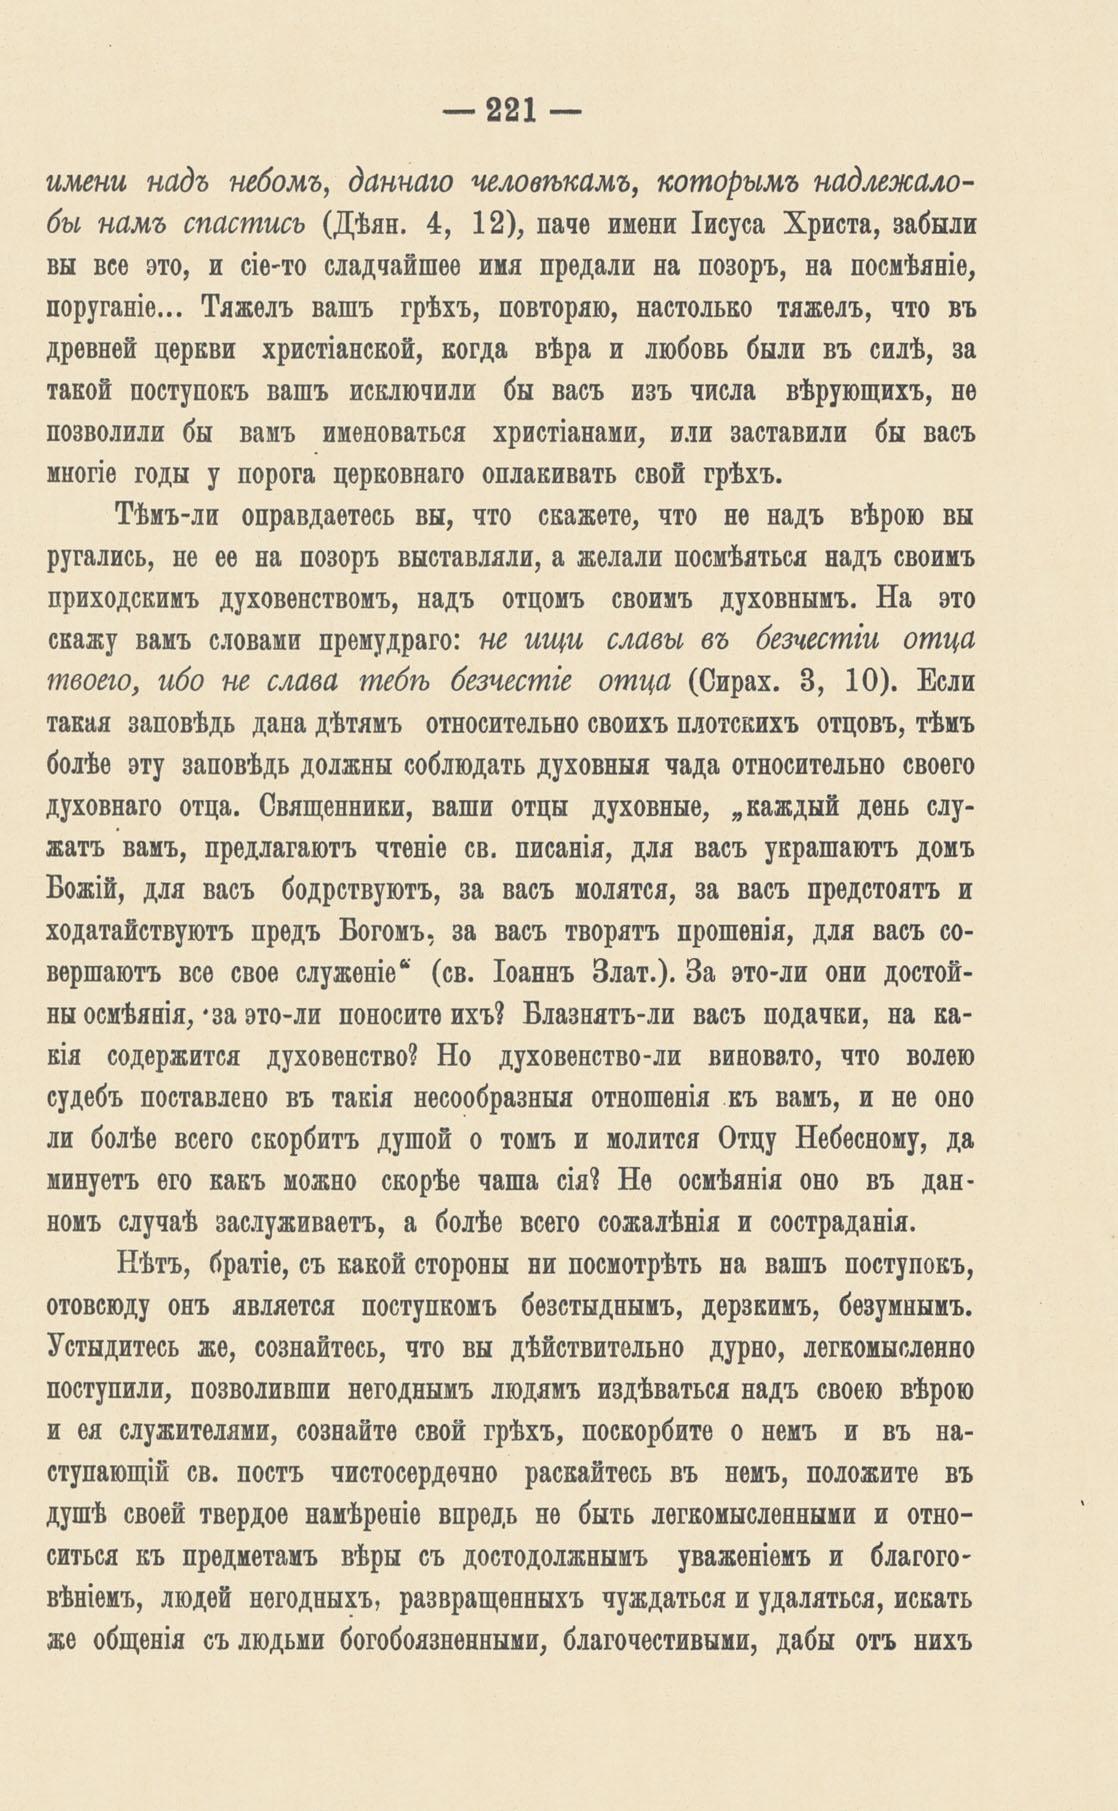 епархиальные ведомости_номер 1мо от вященника тихомирова_659 661